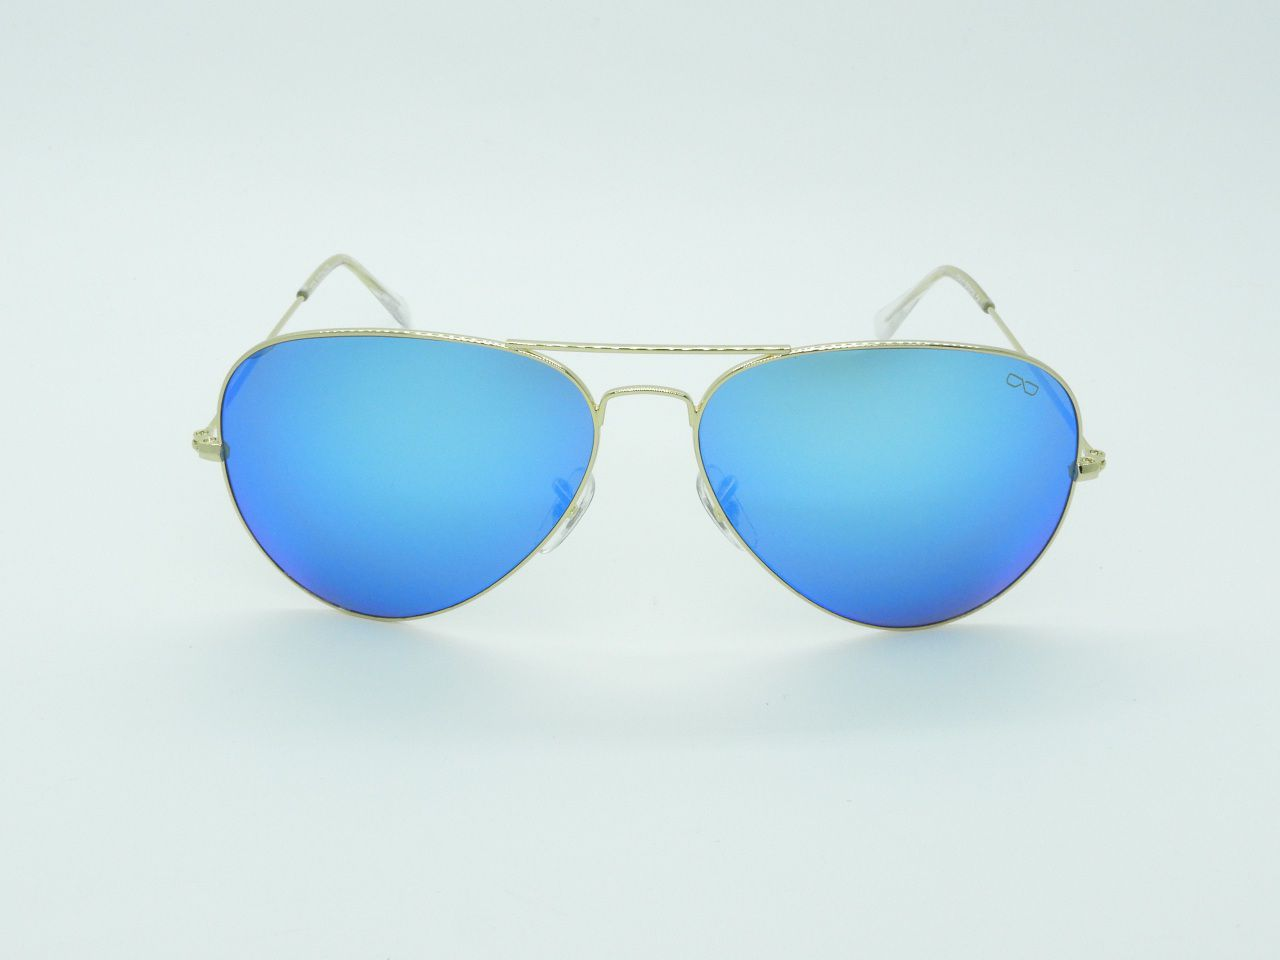 efb34b36e8f06 Óculos de Sol Unissex 3025 Azul Espelhado 62 - Difaty